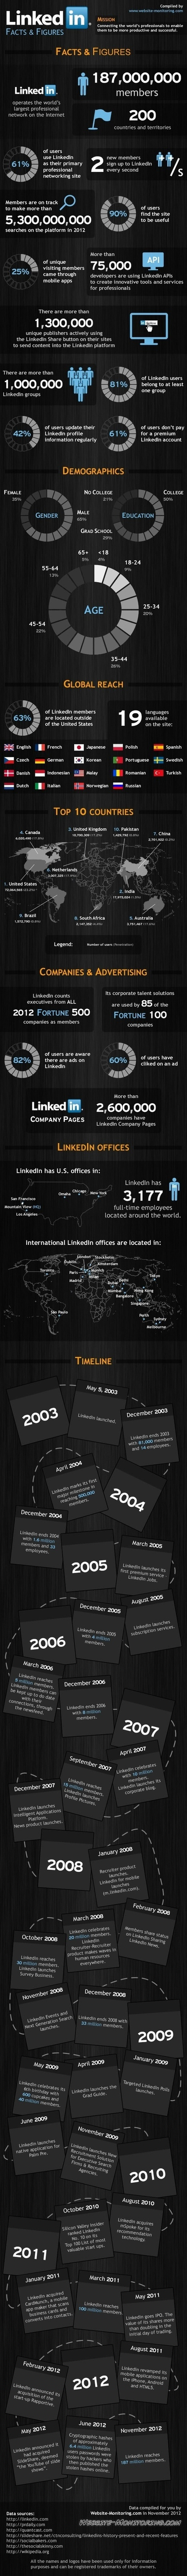 Les statistiques de LinkedIn en 2012 | Communautés | Scoop.it